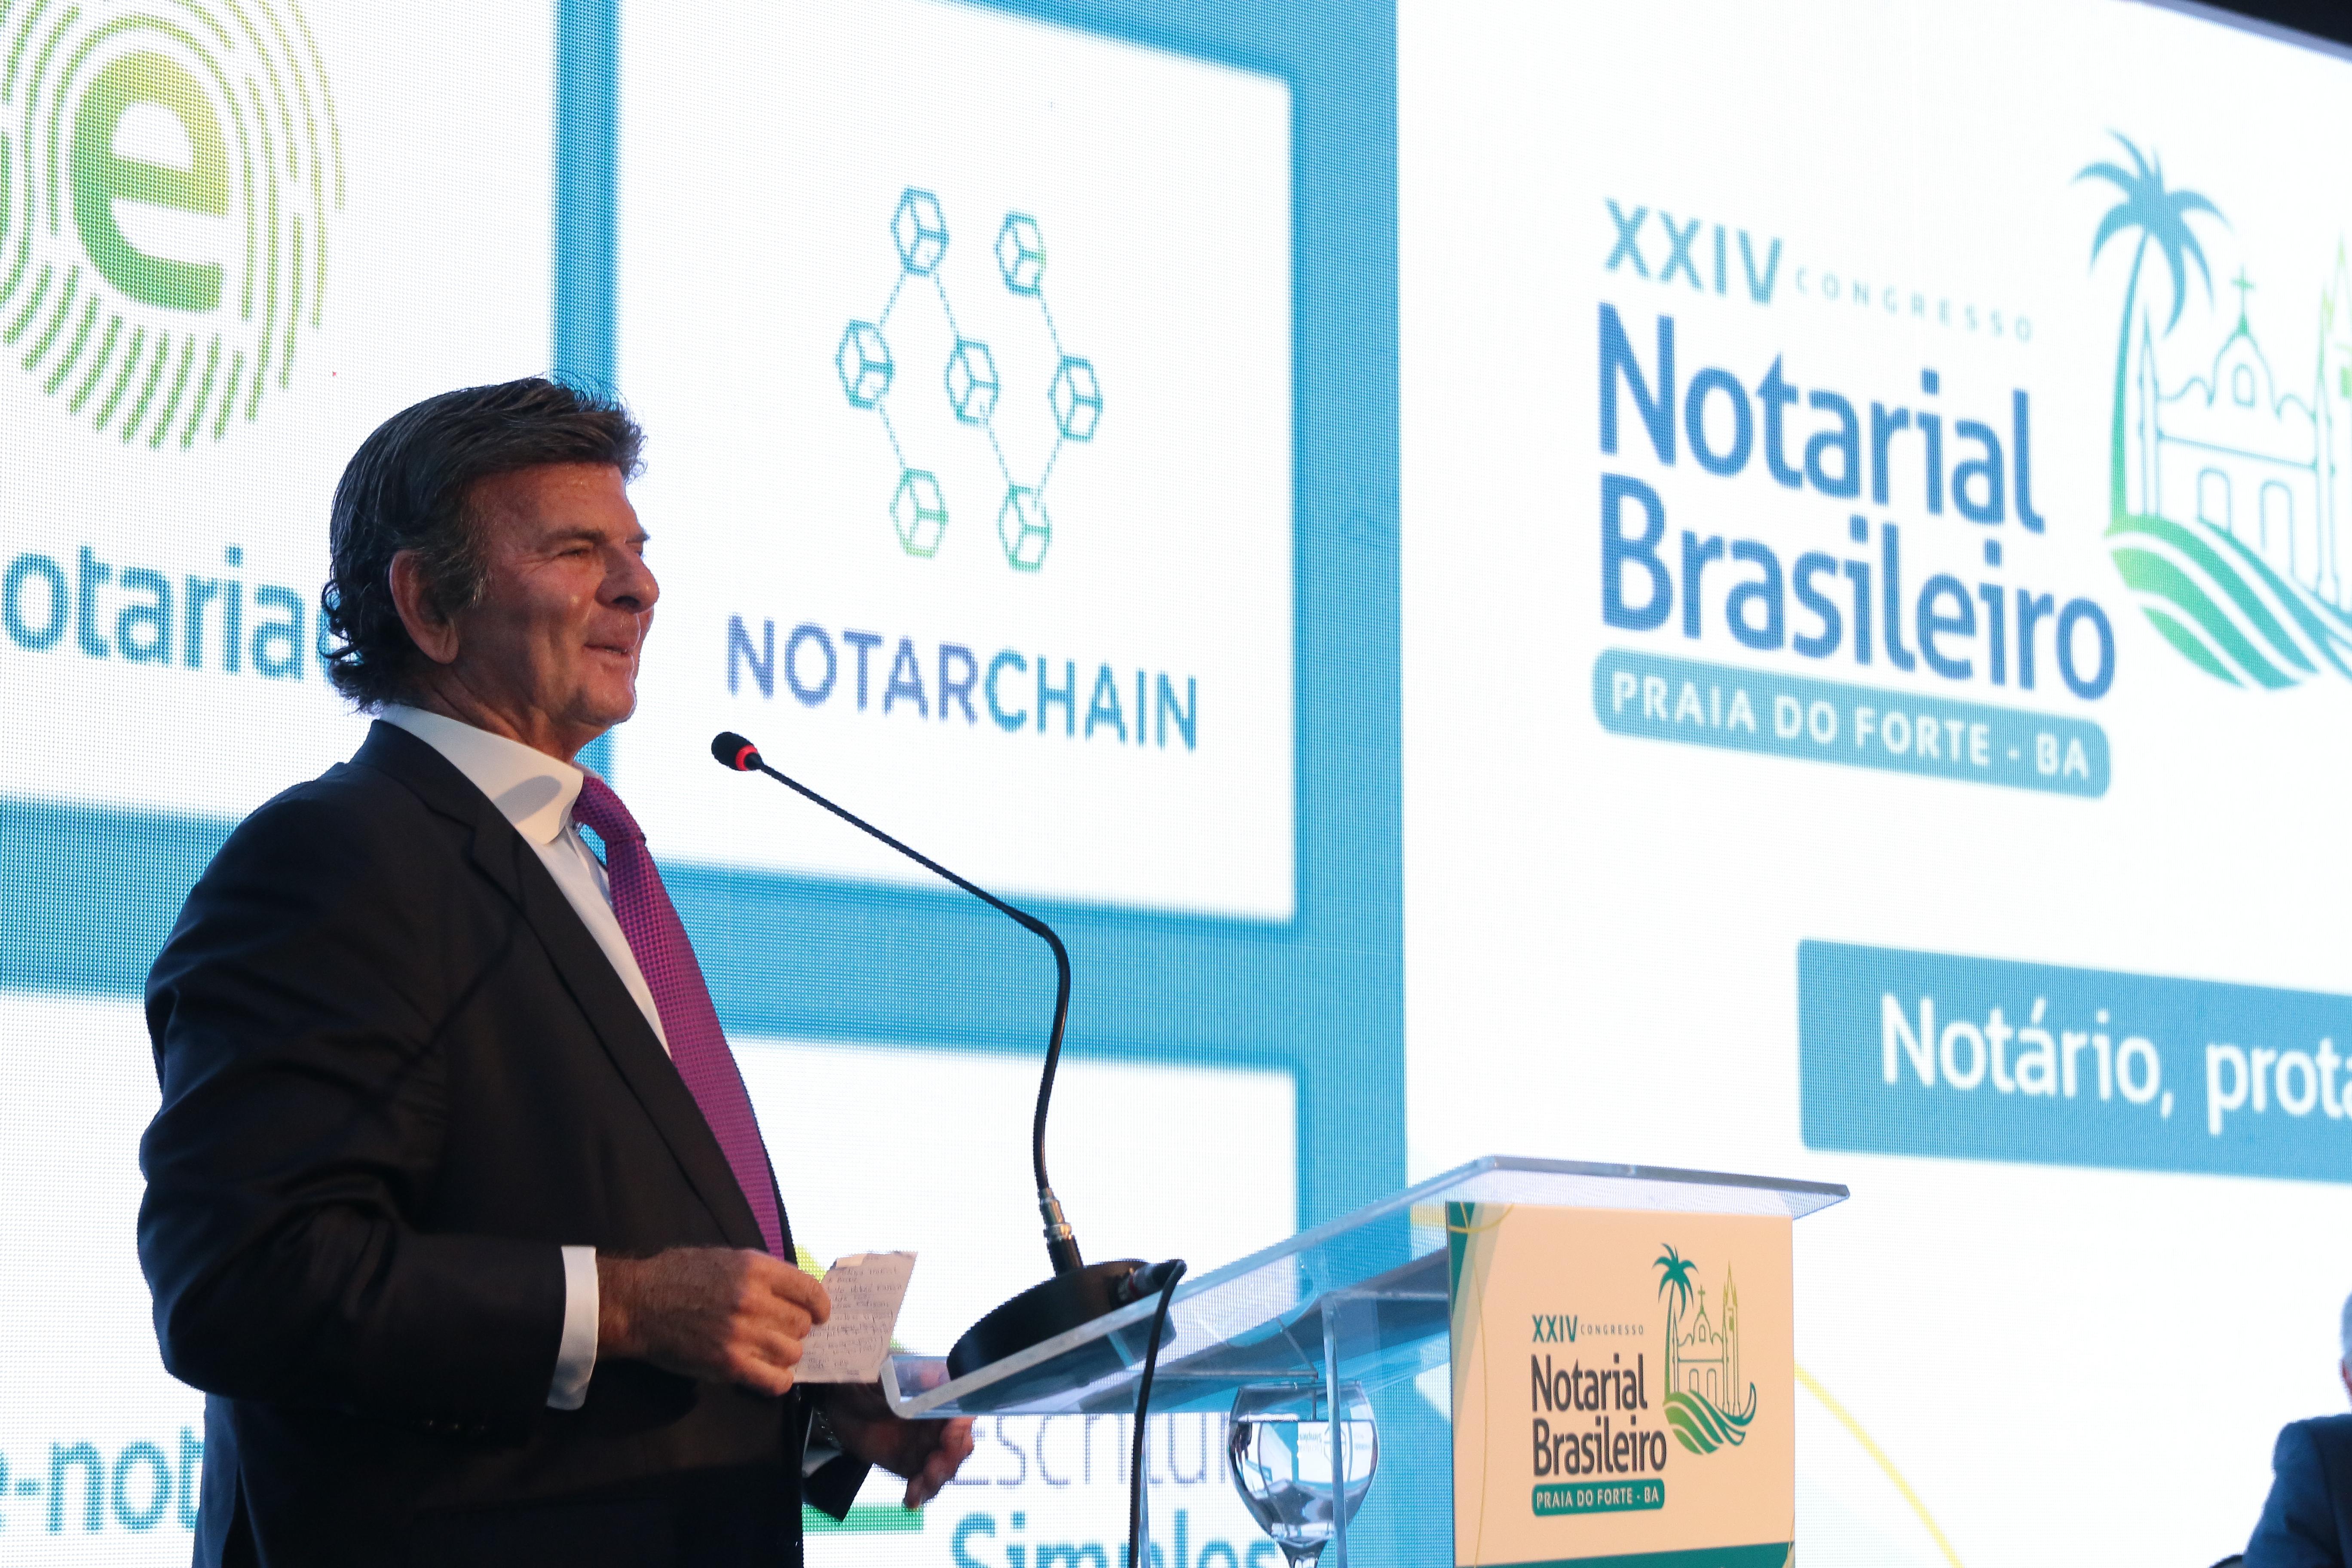 Abertura do XXIV Congresso Notarial Brasileiro destaca o notário como protagonista do futuro